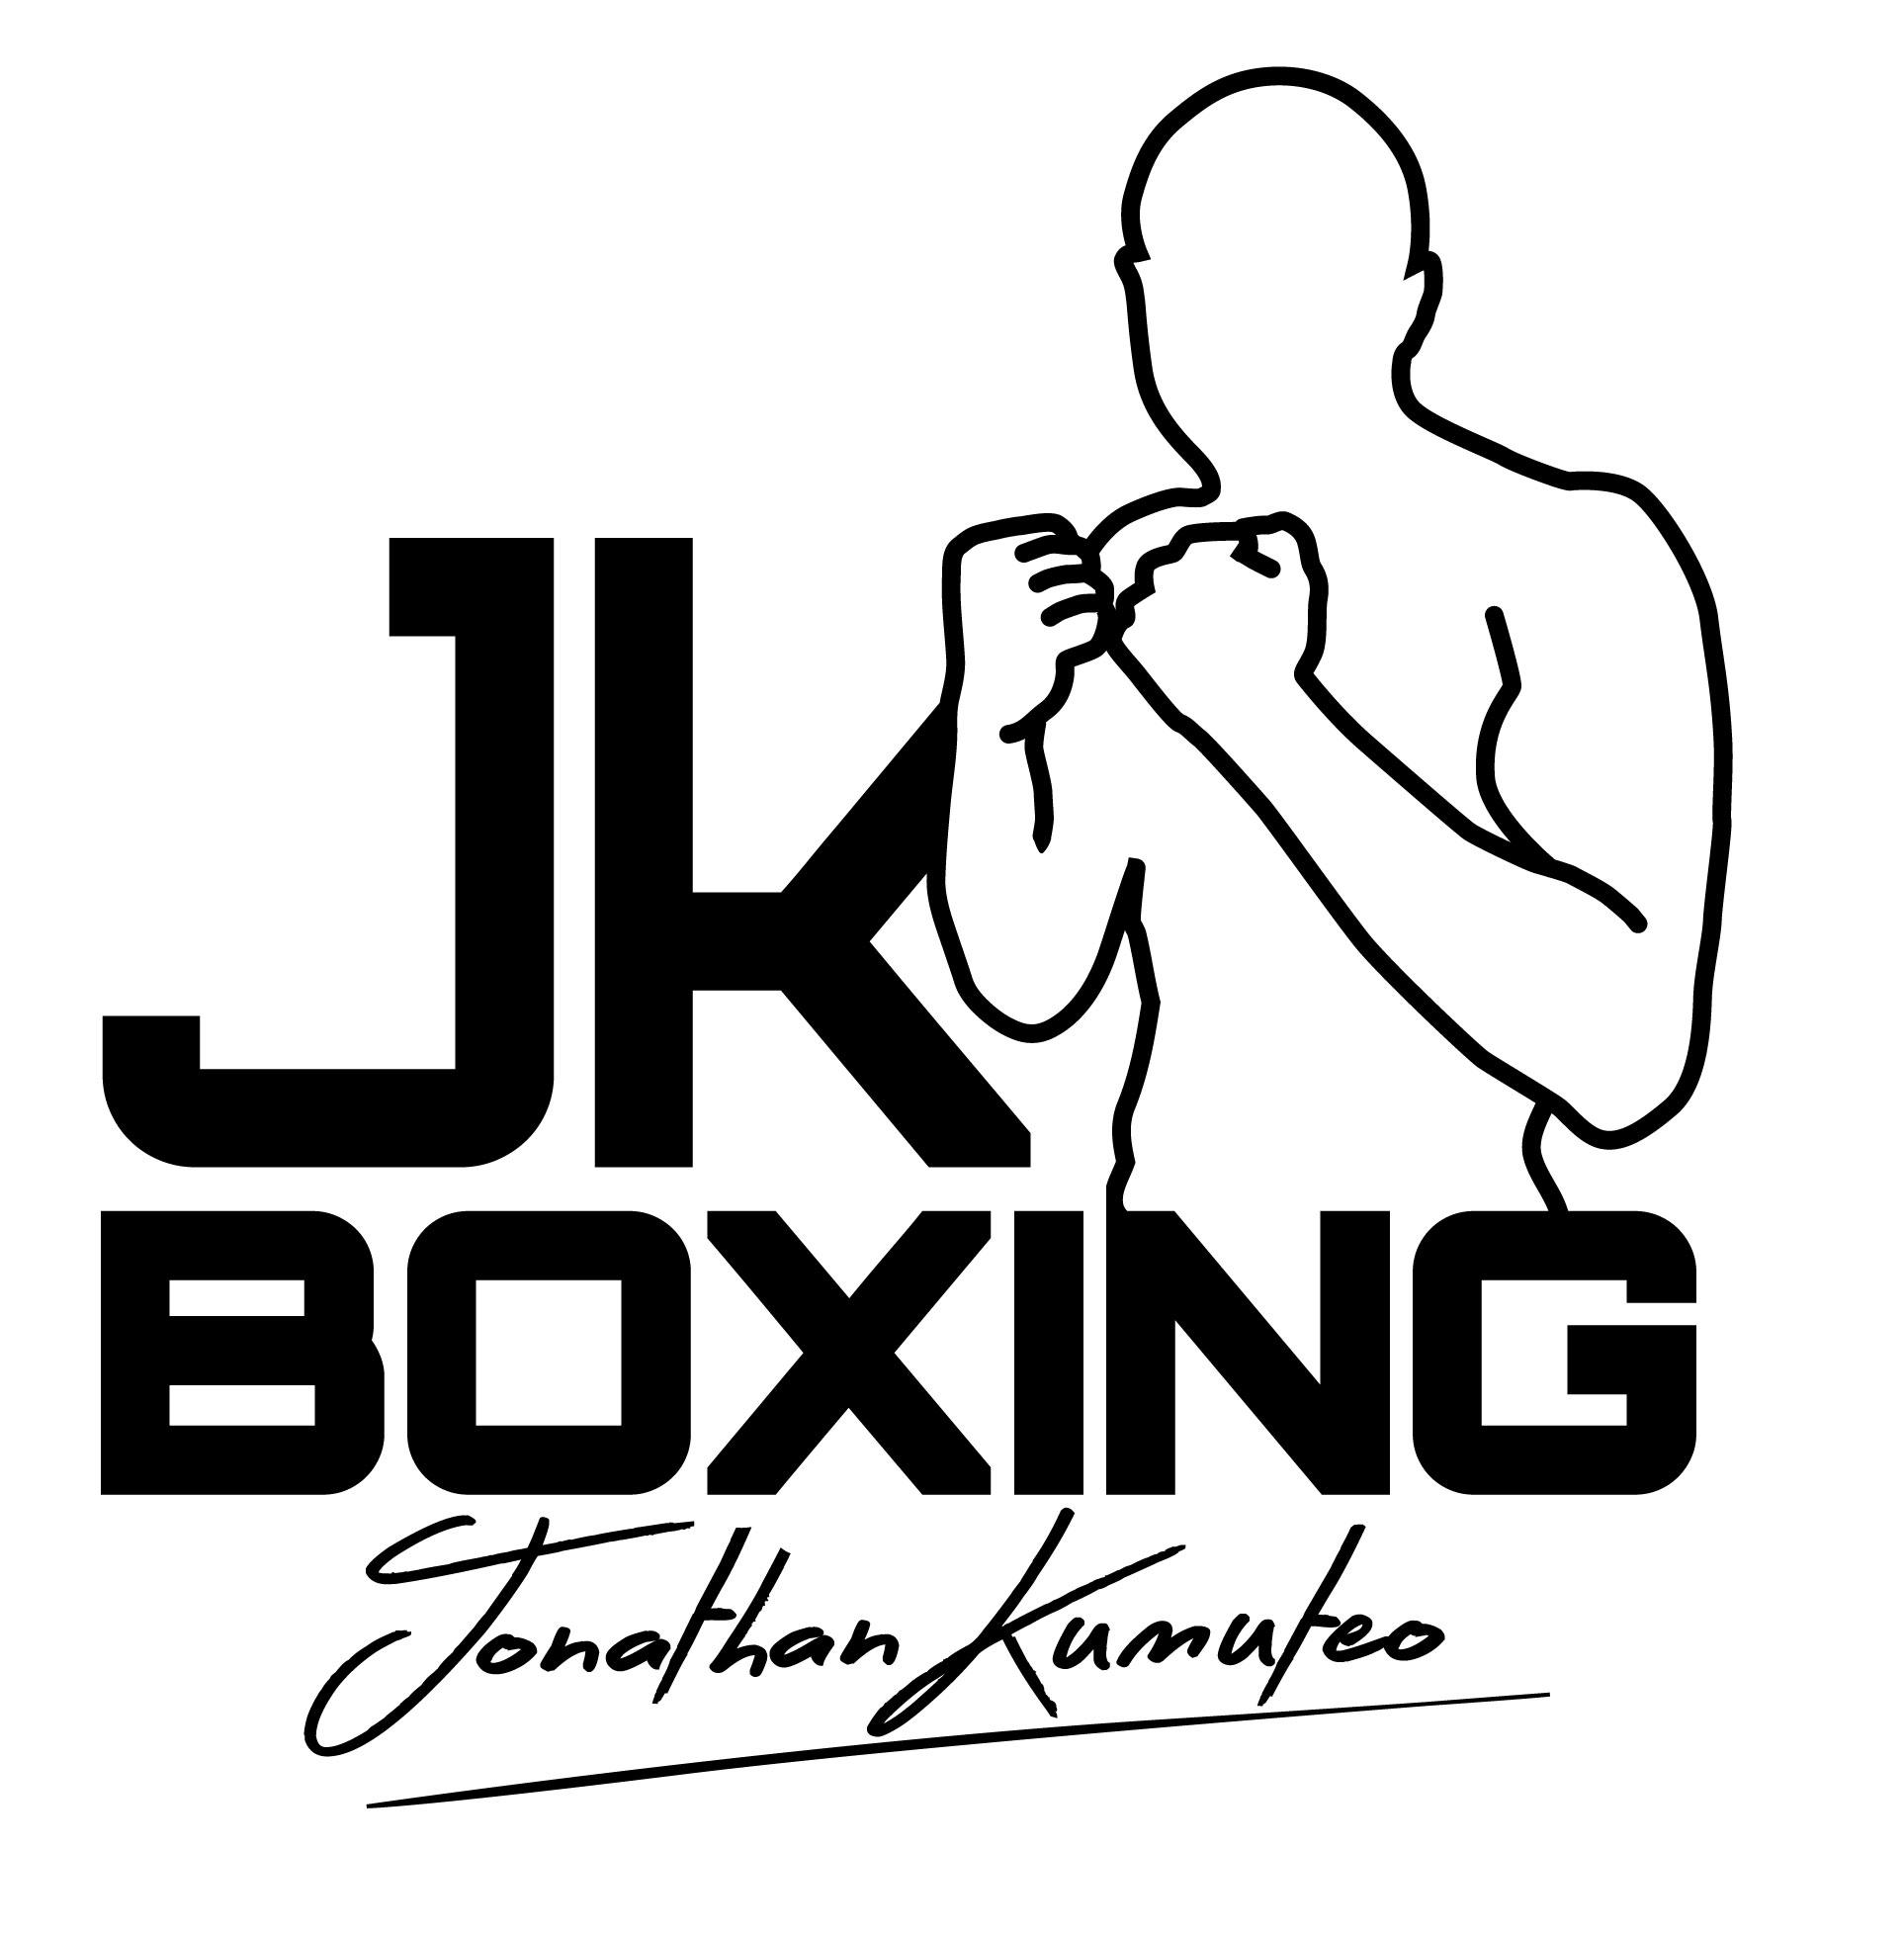 Logo design for JK boxing Final